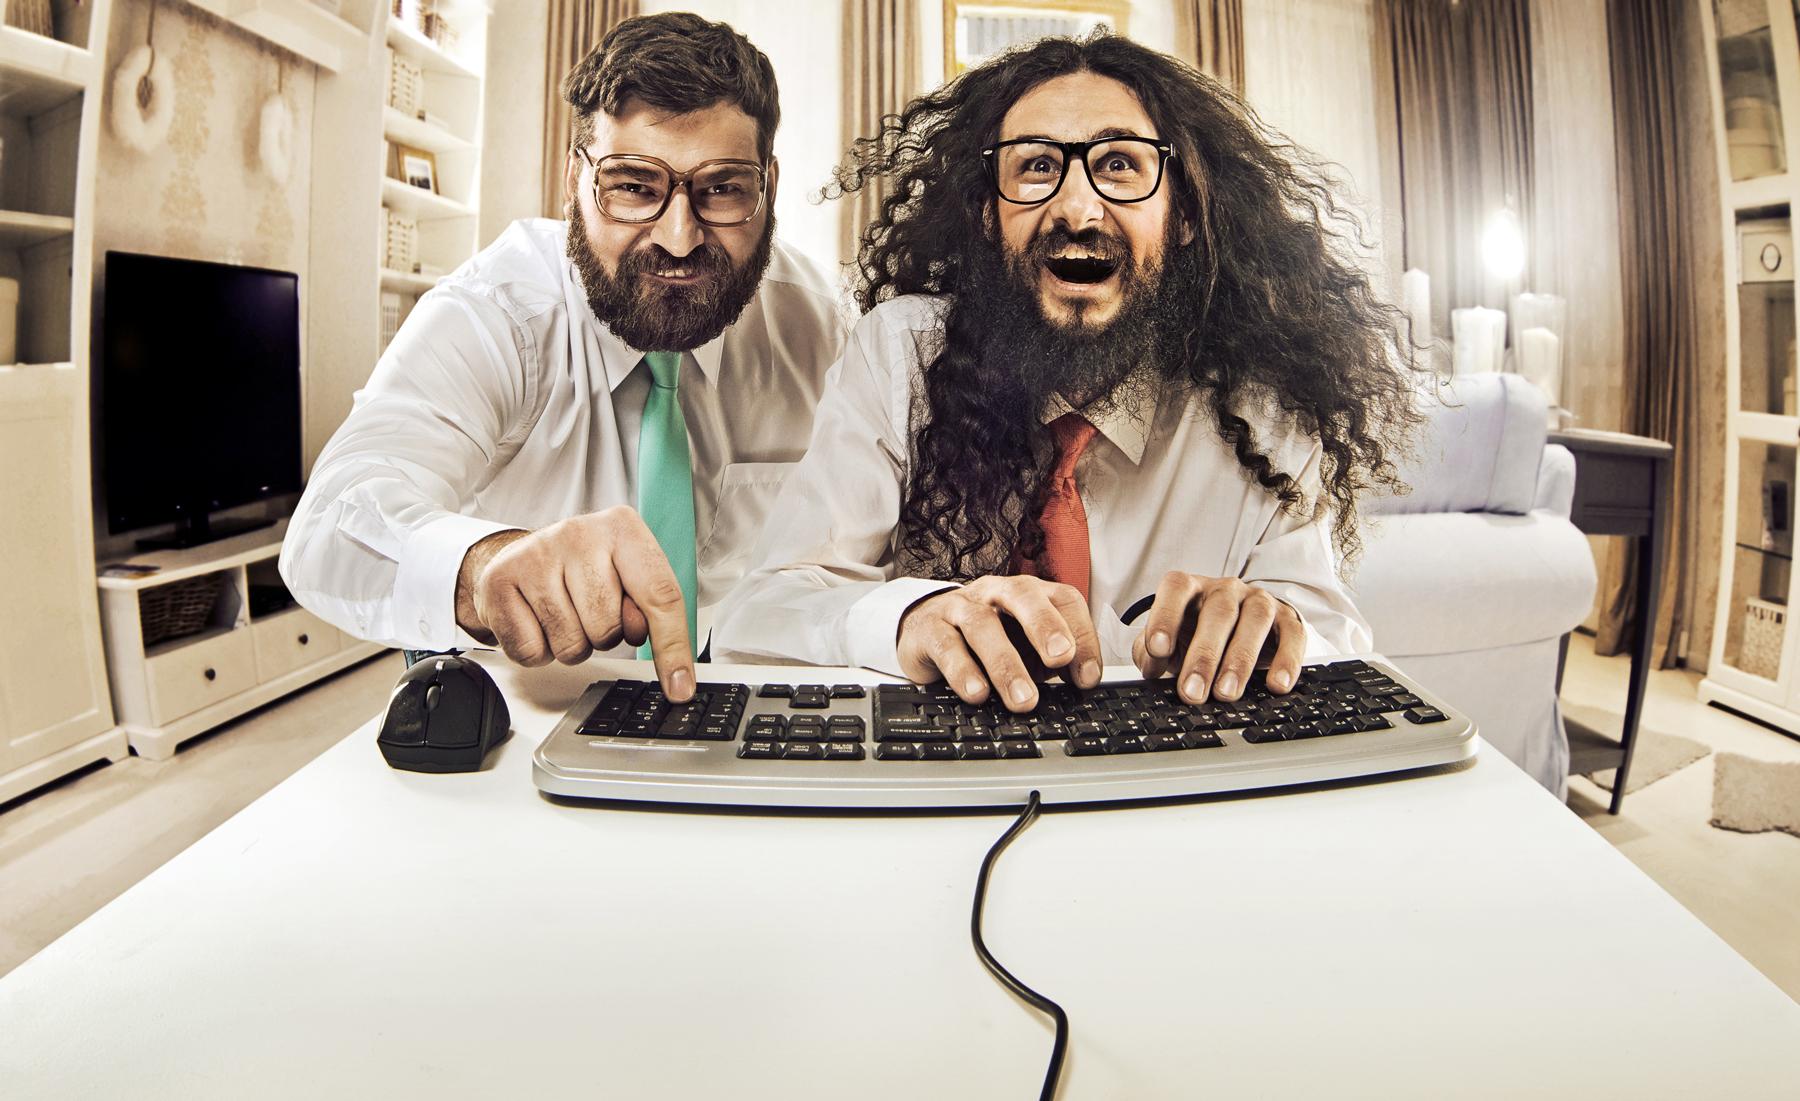 Onlinemarketing für kleine und mittlere Unternehmen